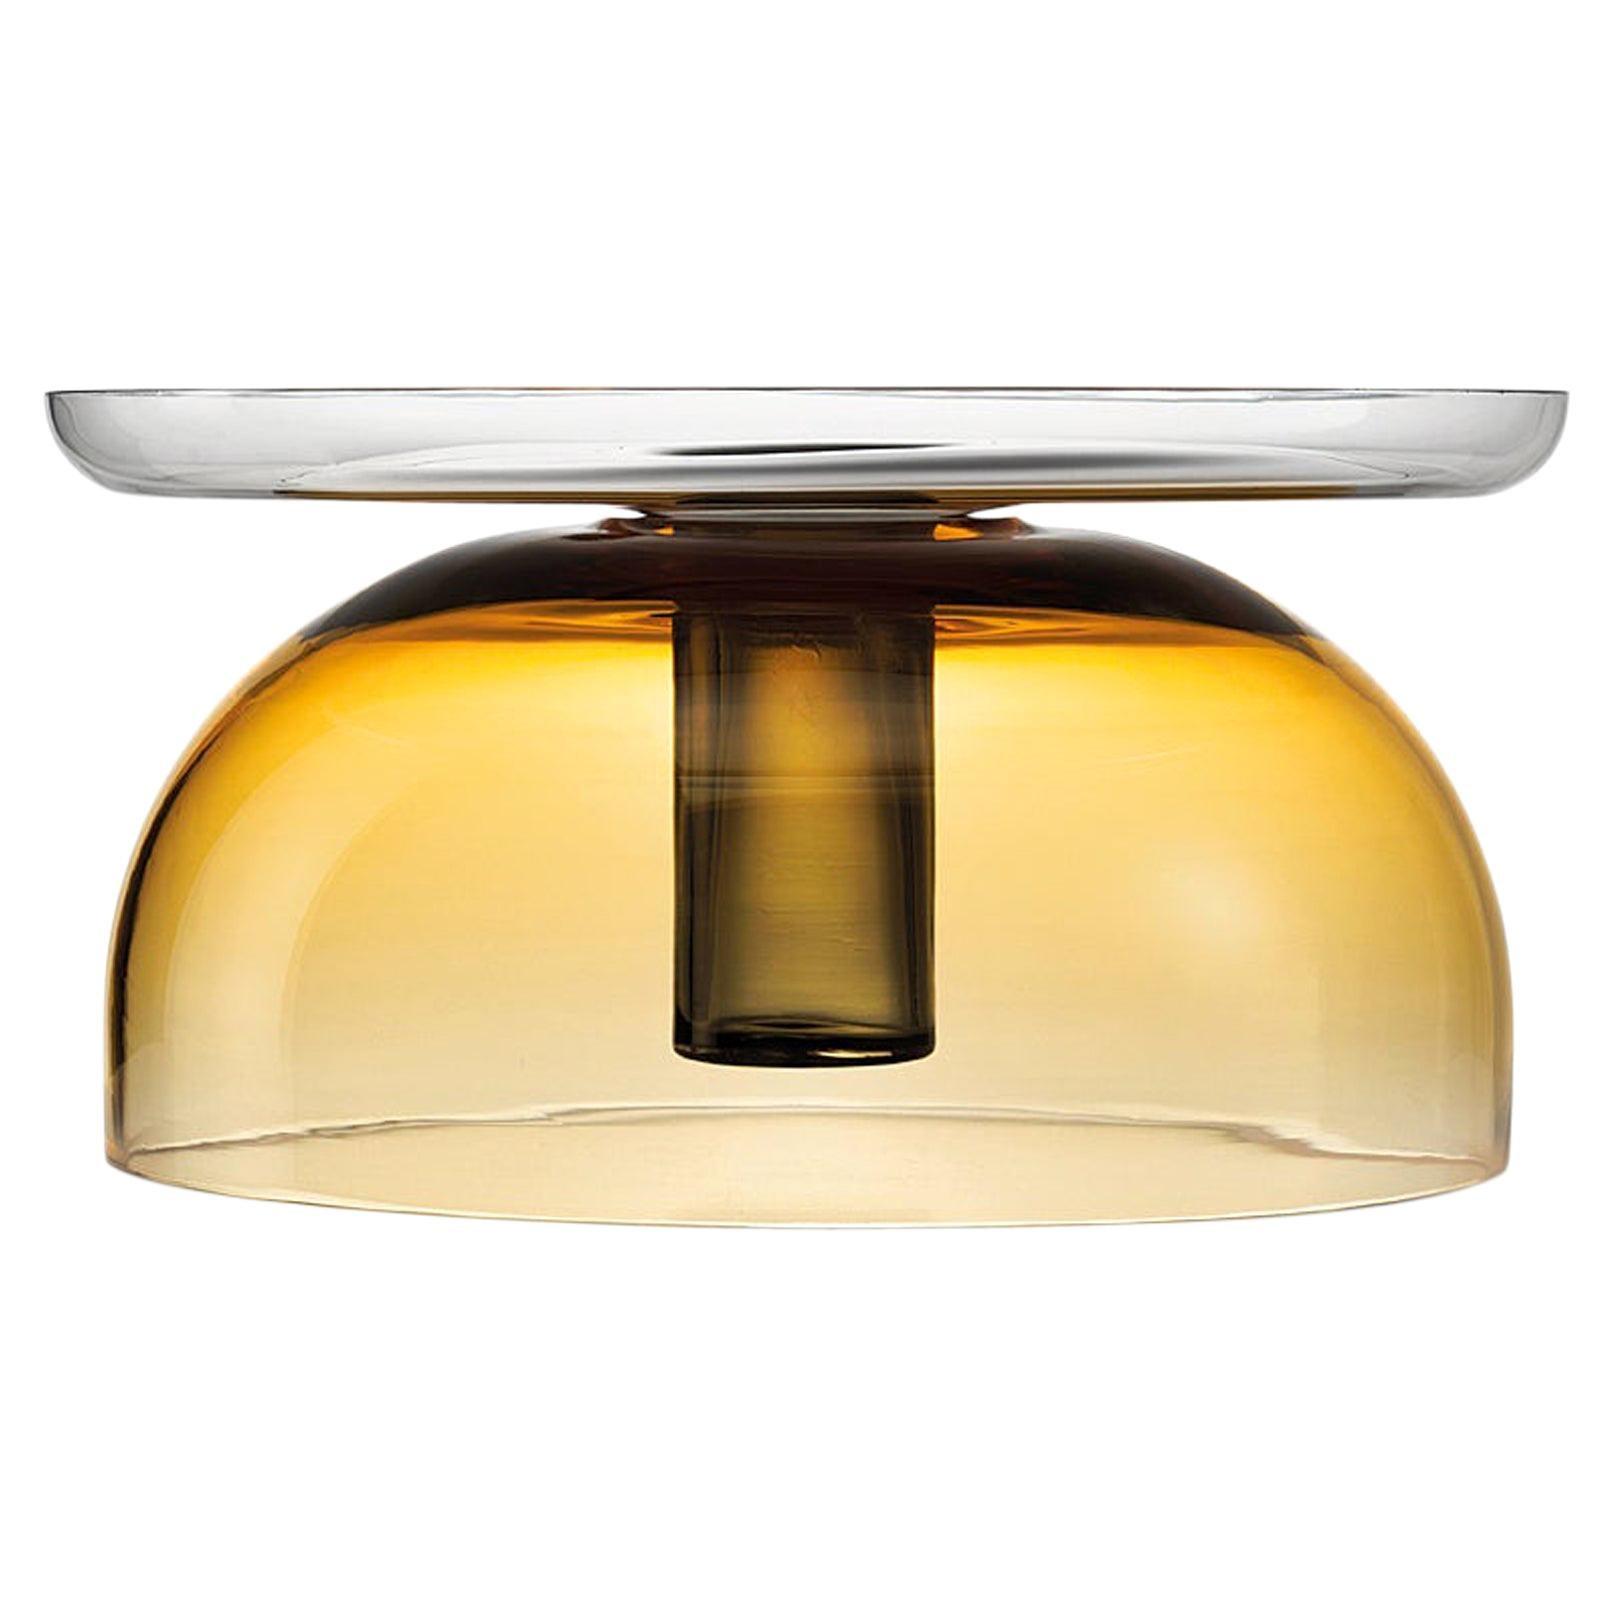 Tabarro Centerpiece in Murano Glass by Alberto Lago